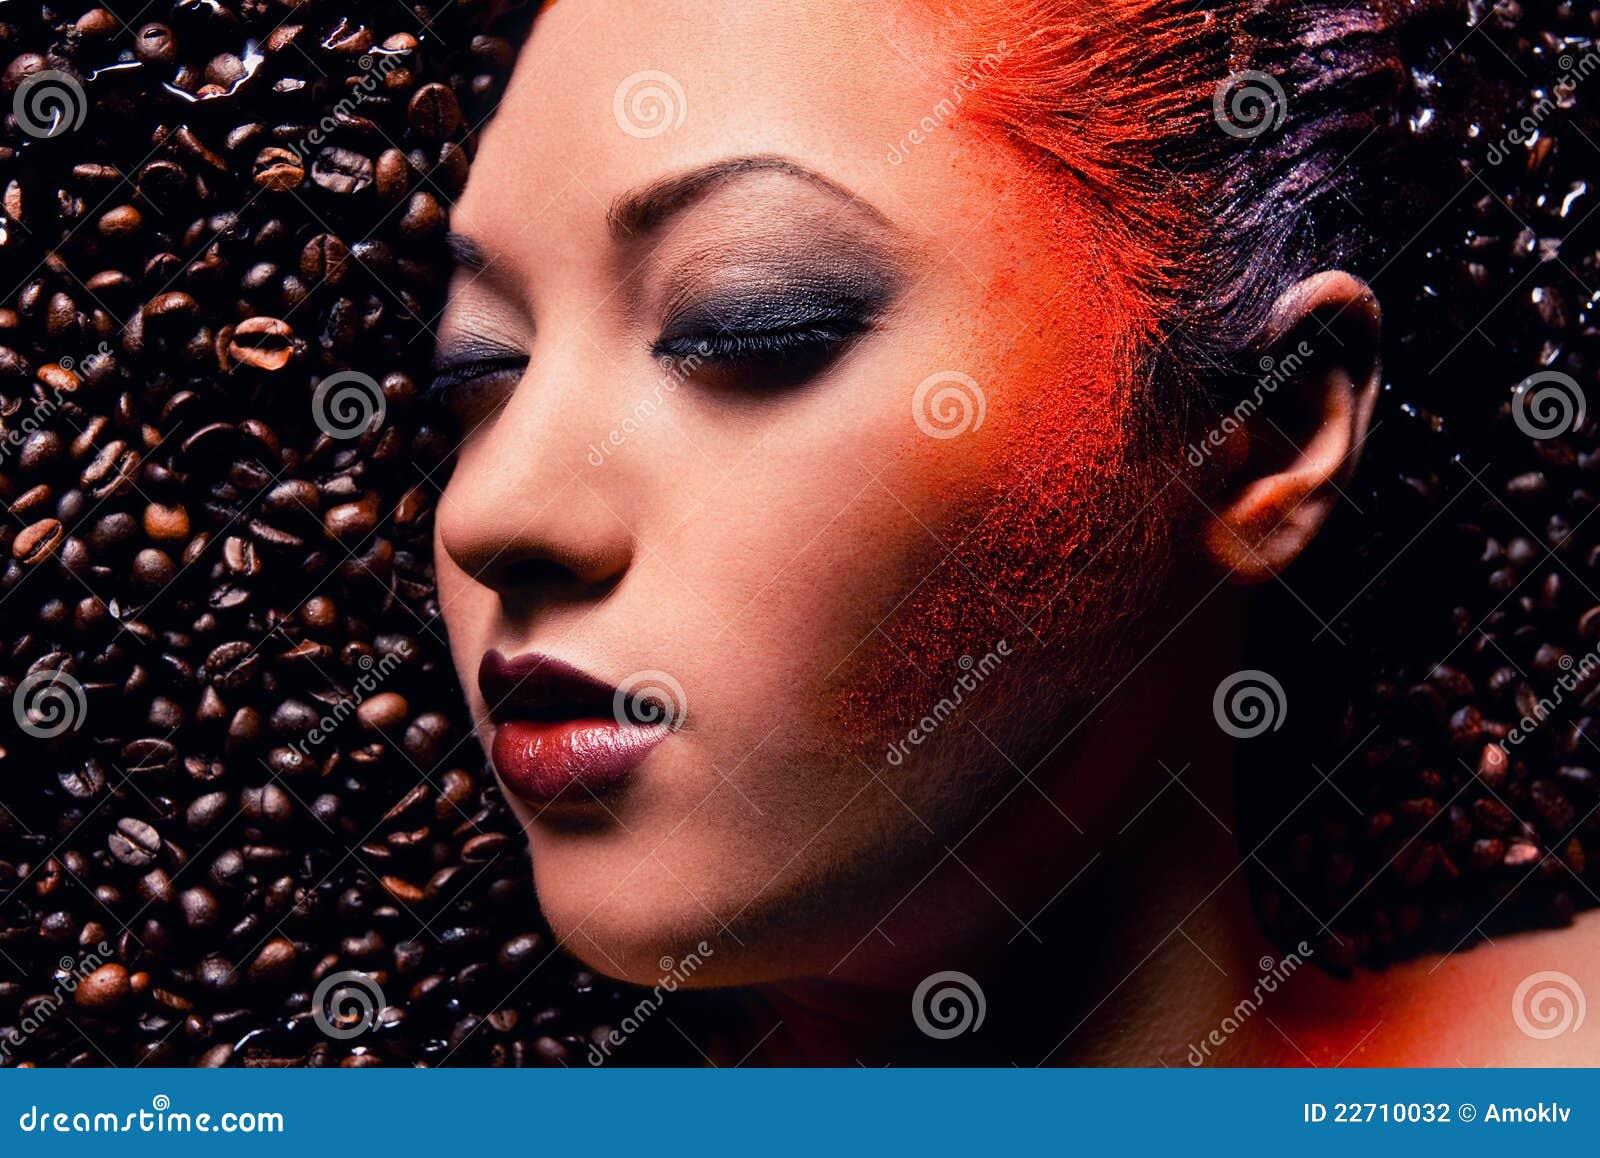 El medio para la depuración de la persona de los granos y los puntos negros